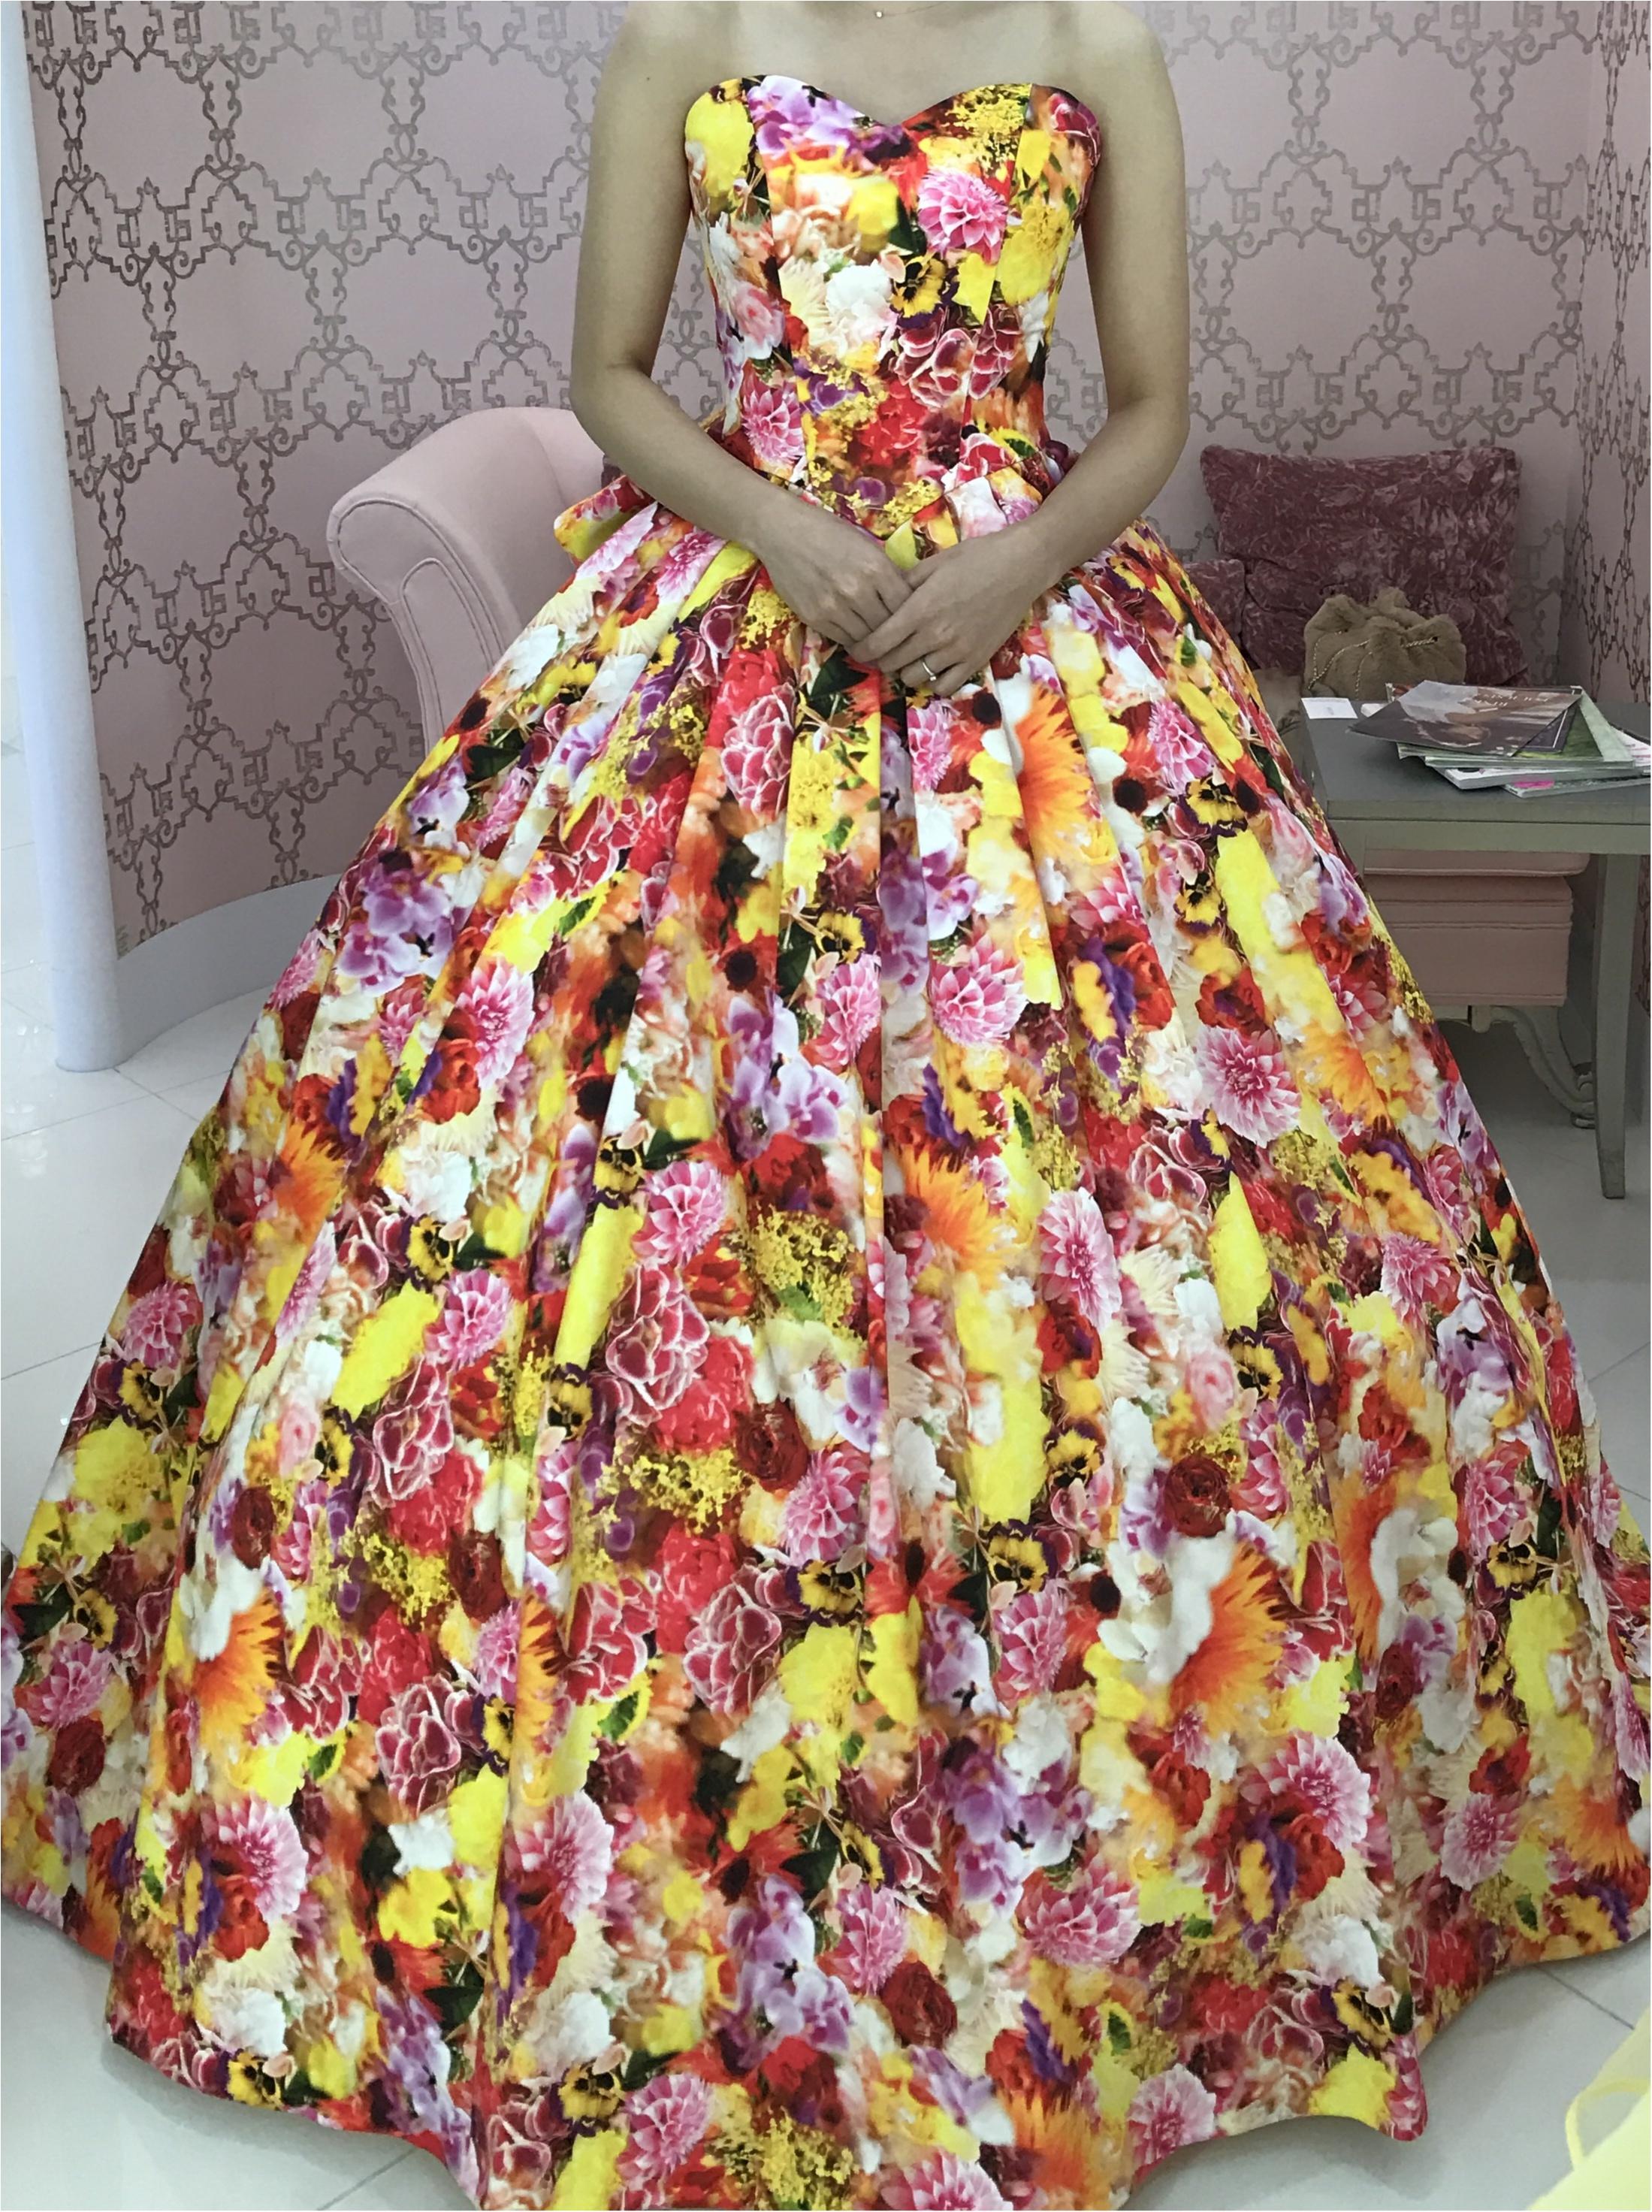 春の挙式にぴったりな春色カラーのドレス♡モアはぴ世代にも甘すぎないのがポイント♡_3